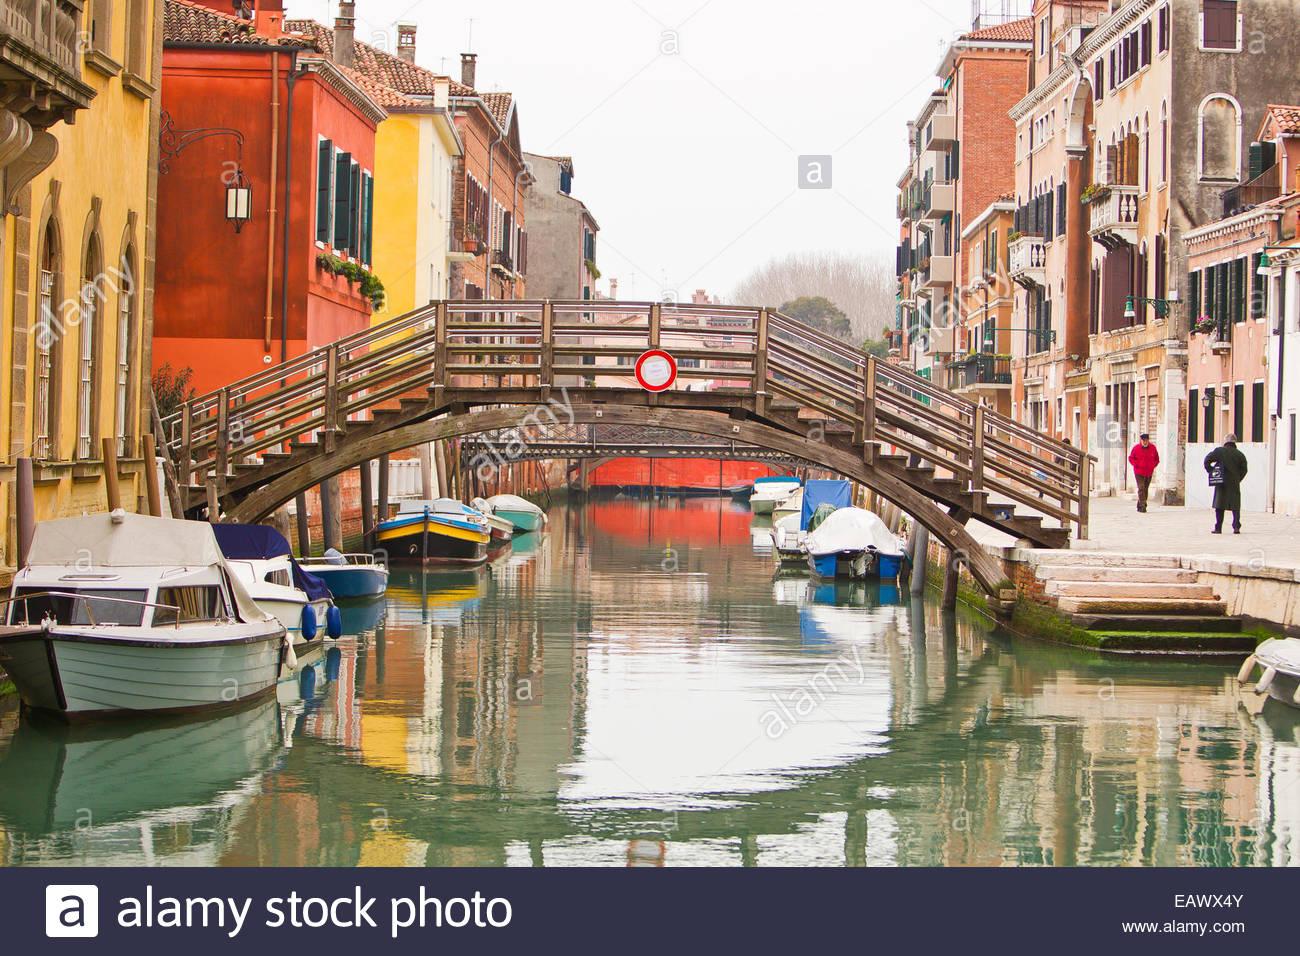 Renaissance-Ära Gebäude, Boote und eine Holzbrücke farbige Reflexe auf einem Seitenkanal geworfen. Stockbild